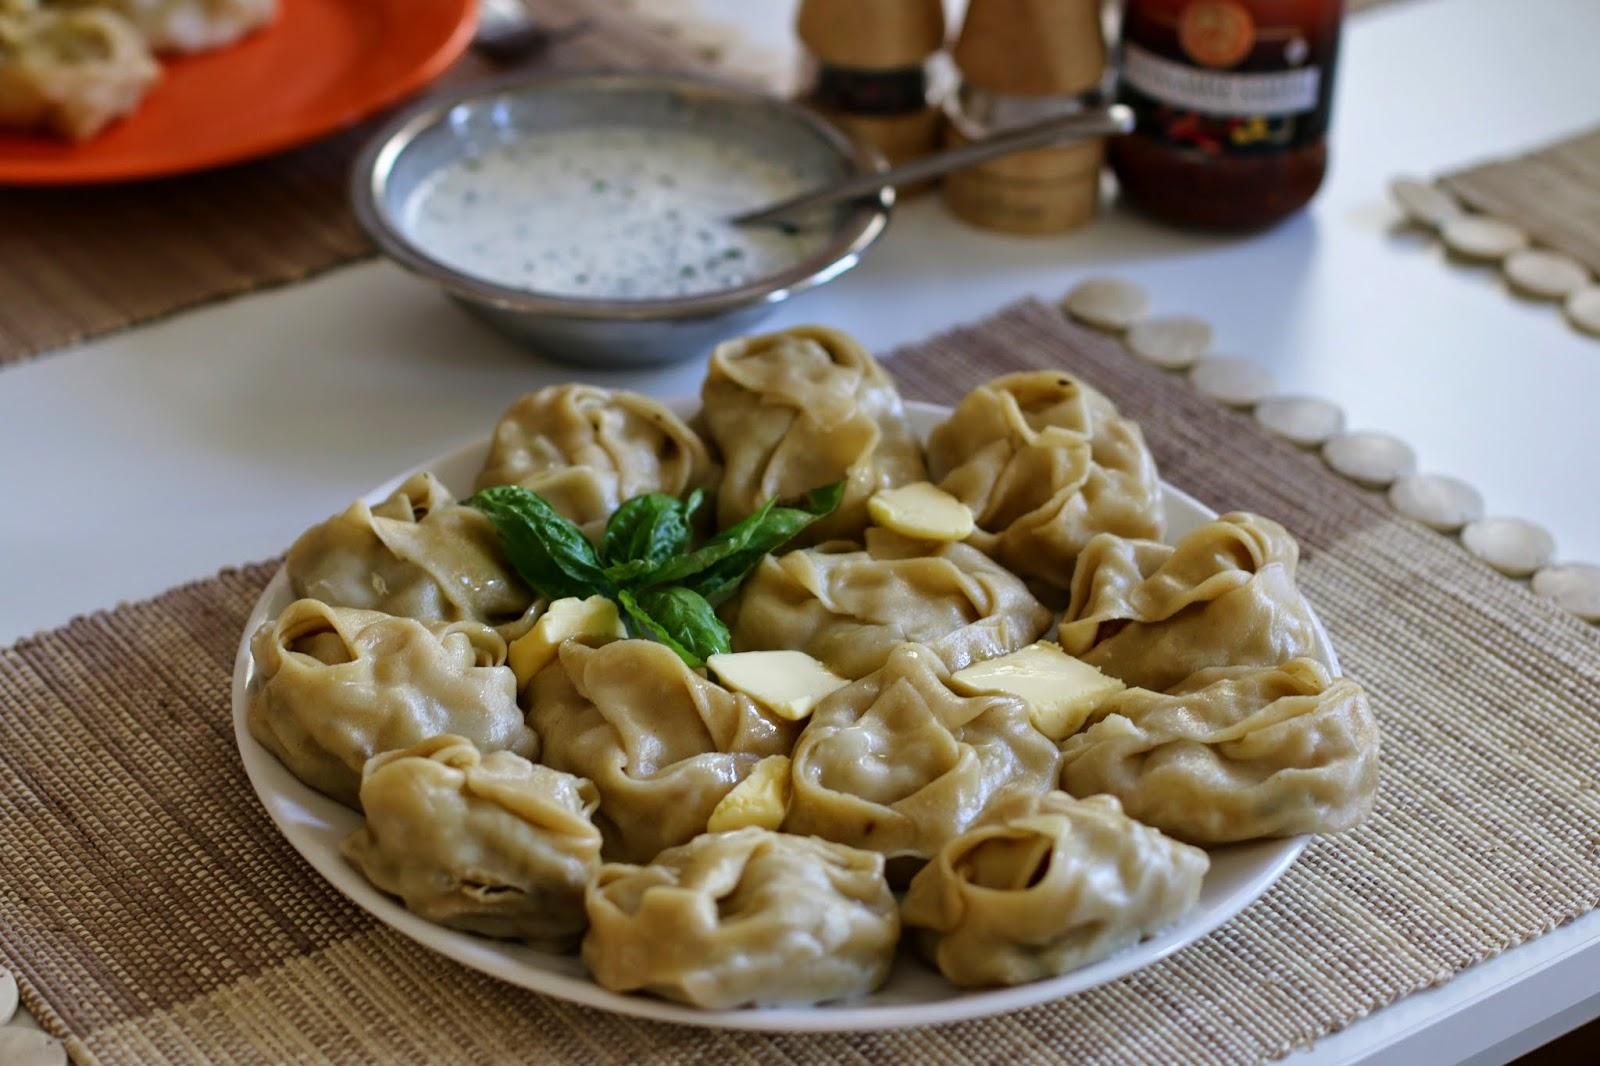 Çince tavuk filetosu: en iyi tarifler, pişirme özellikleri